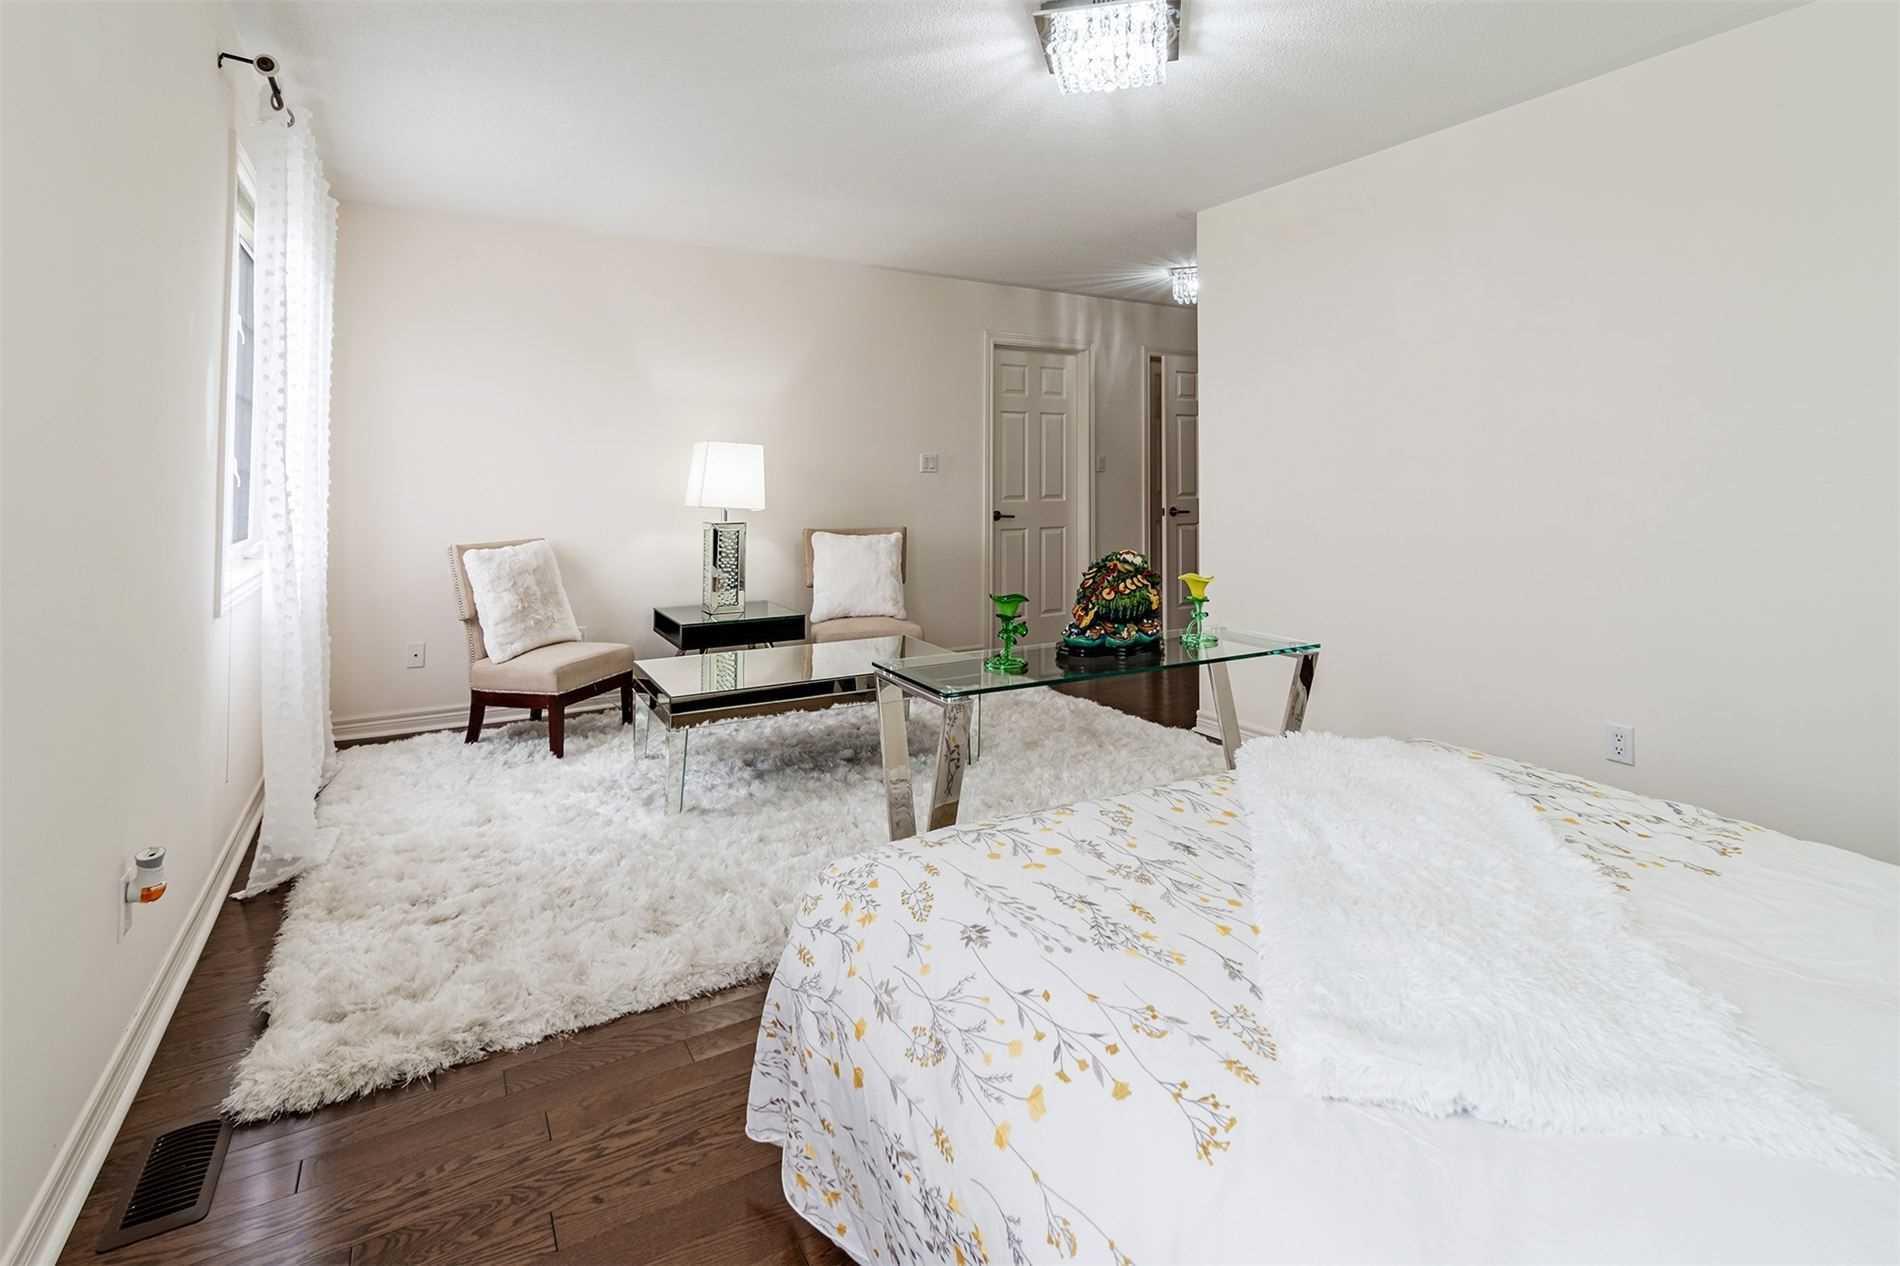 865 Stoutt Cres - Coates Detached for sale, 4 Bedrooms (W5399927) - #19